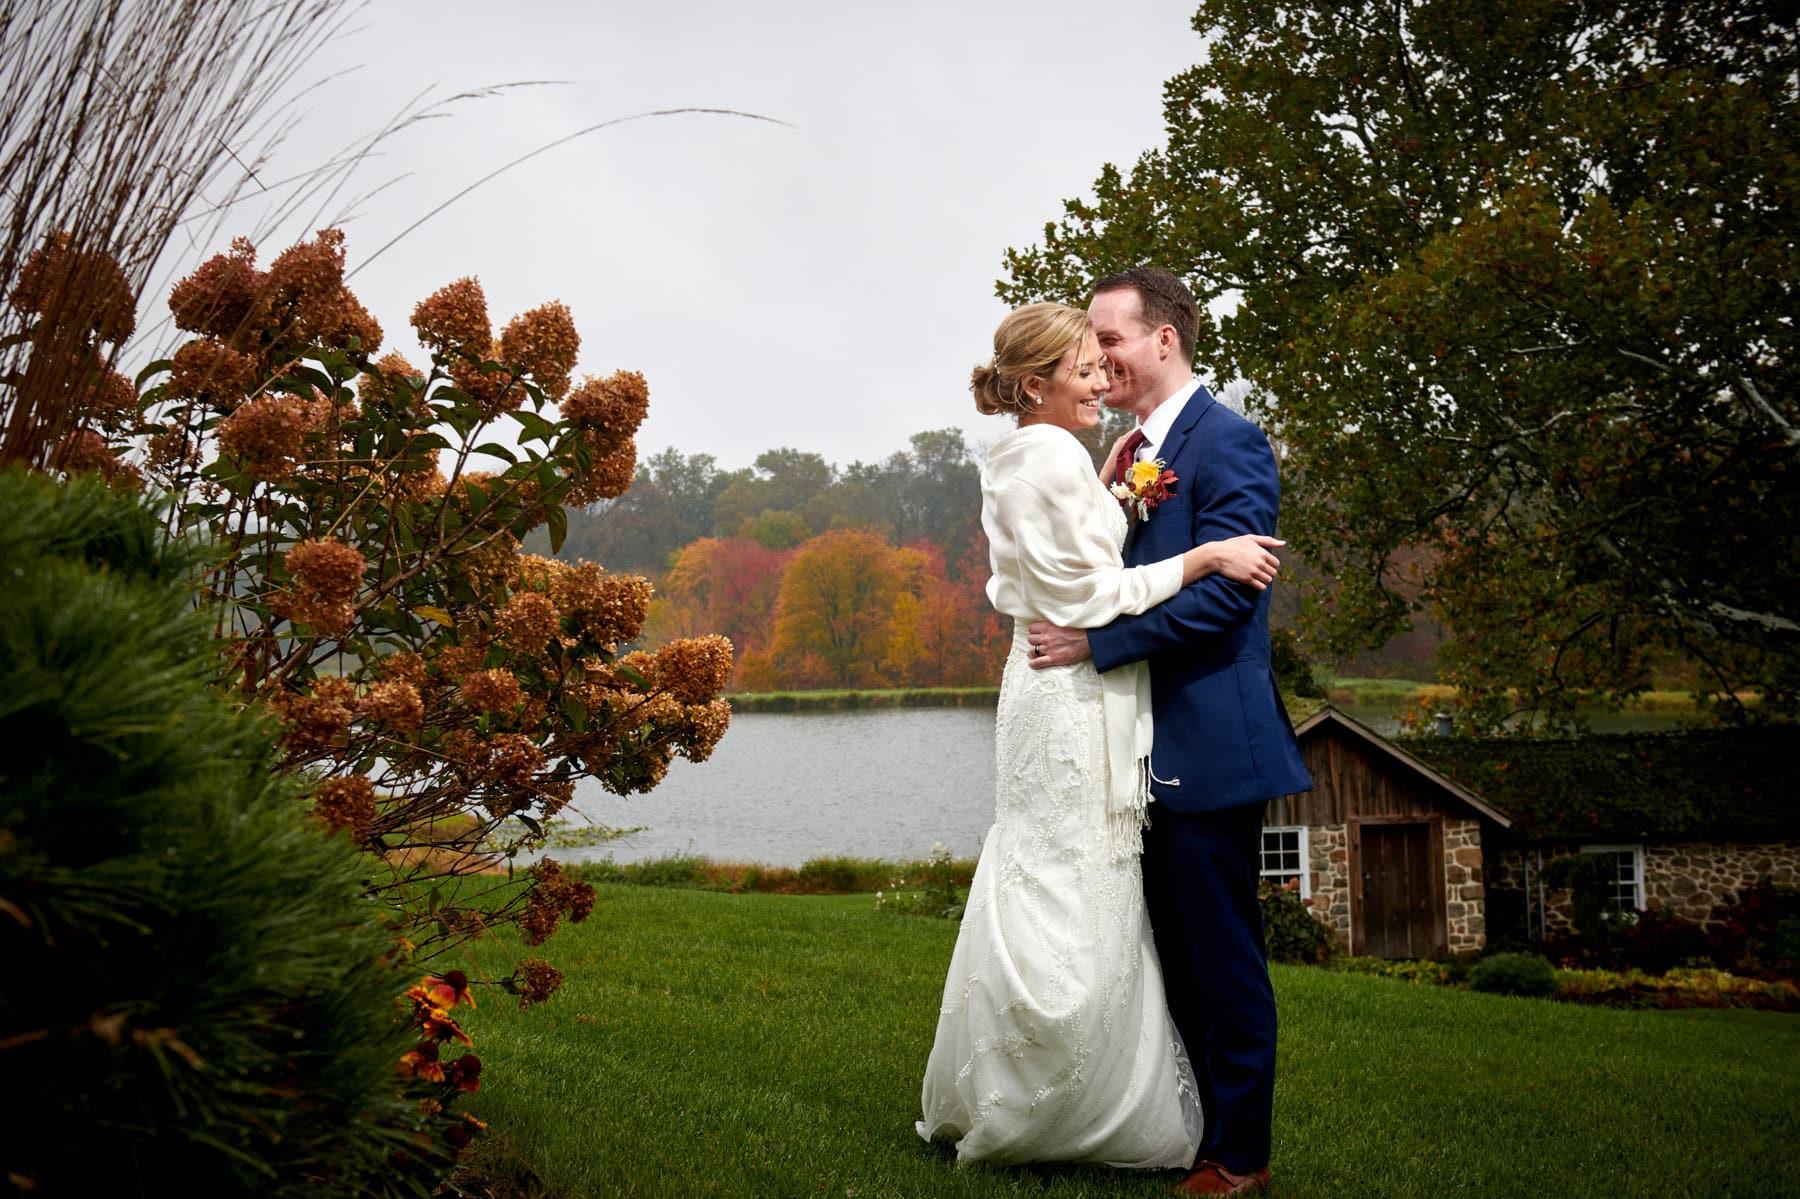 fall wedding photo at French Creek Golf Club